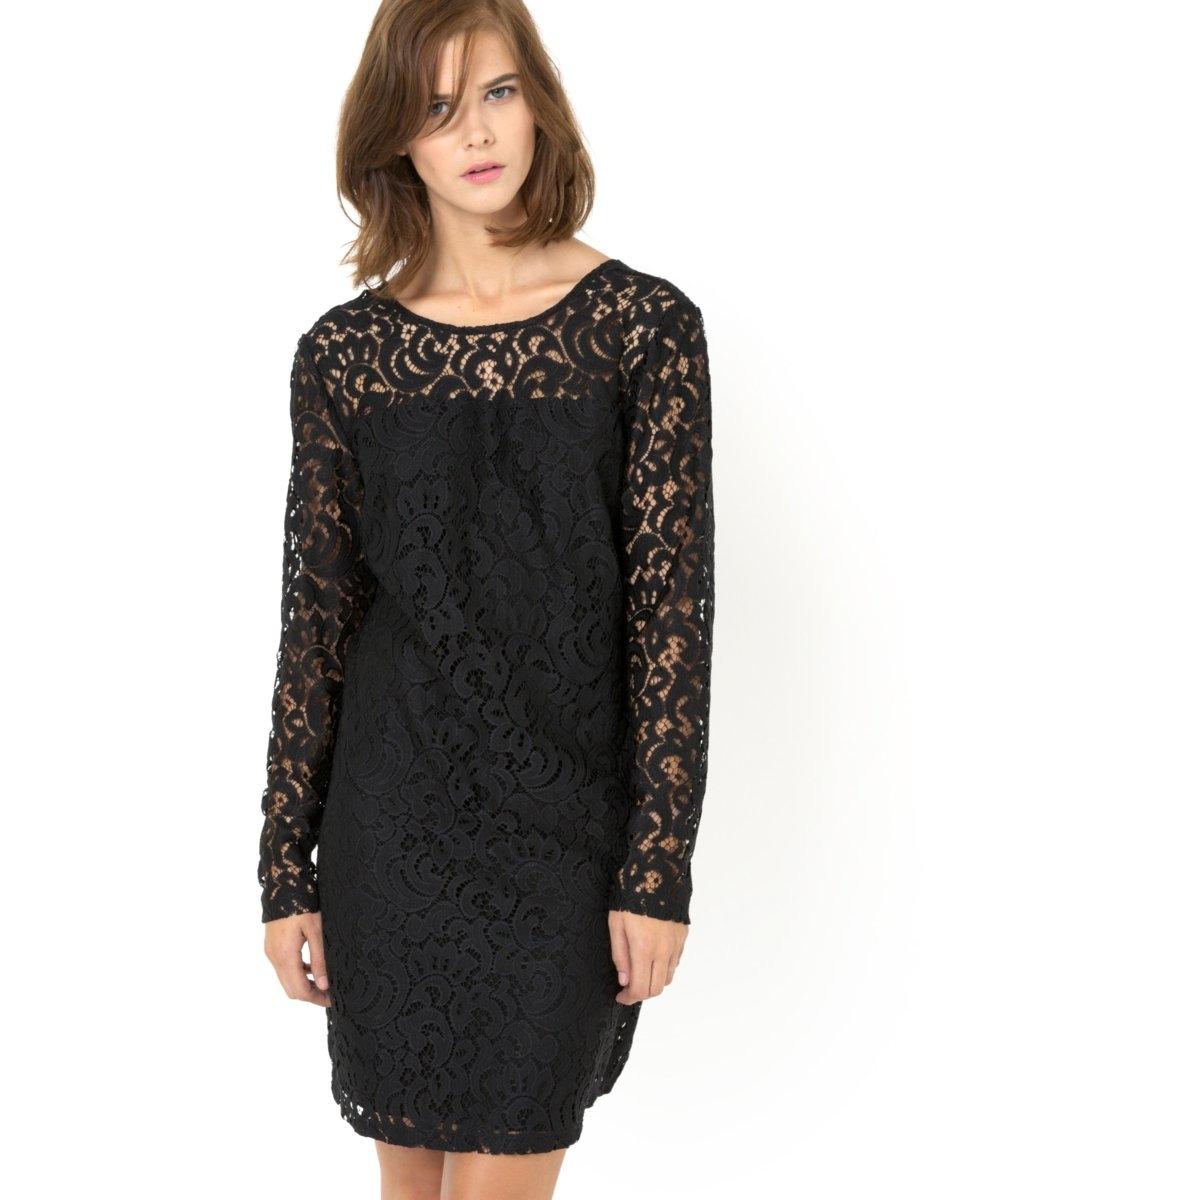 Платье прямое кружевное, длинные рукава, на подкладке, круглый вырез венейя сарафан